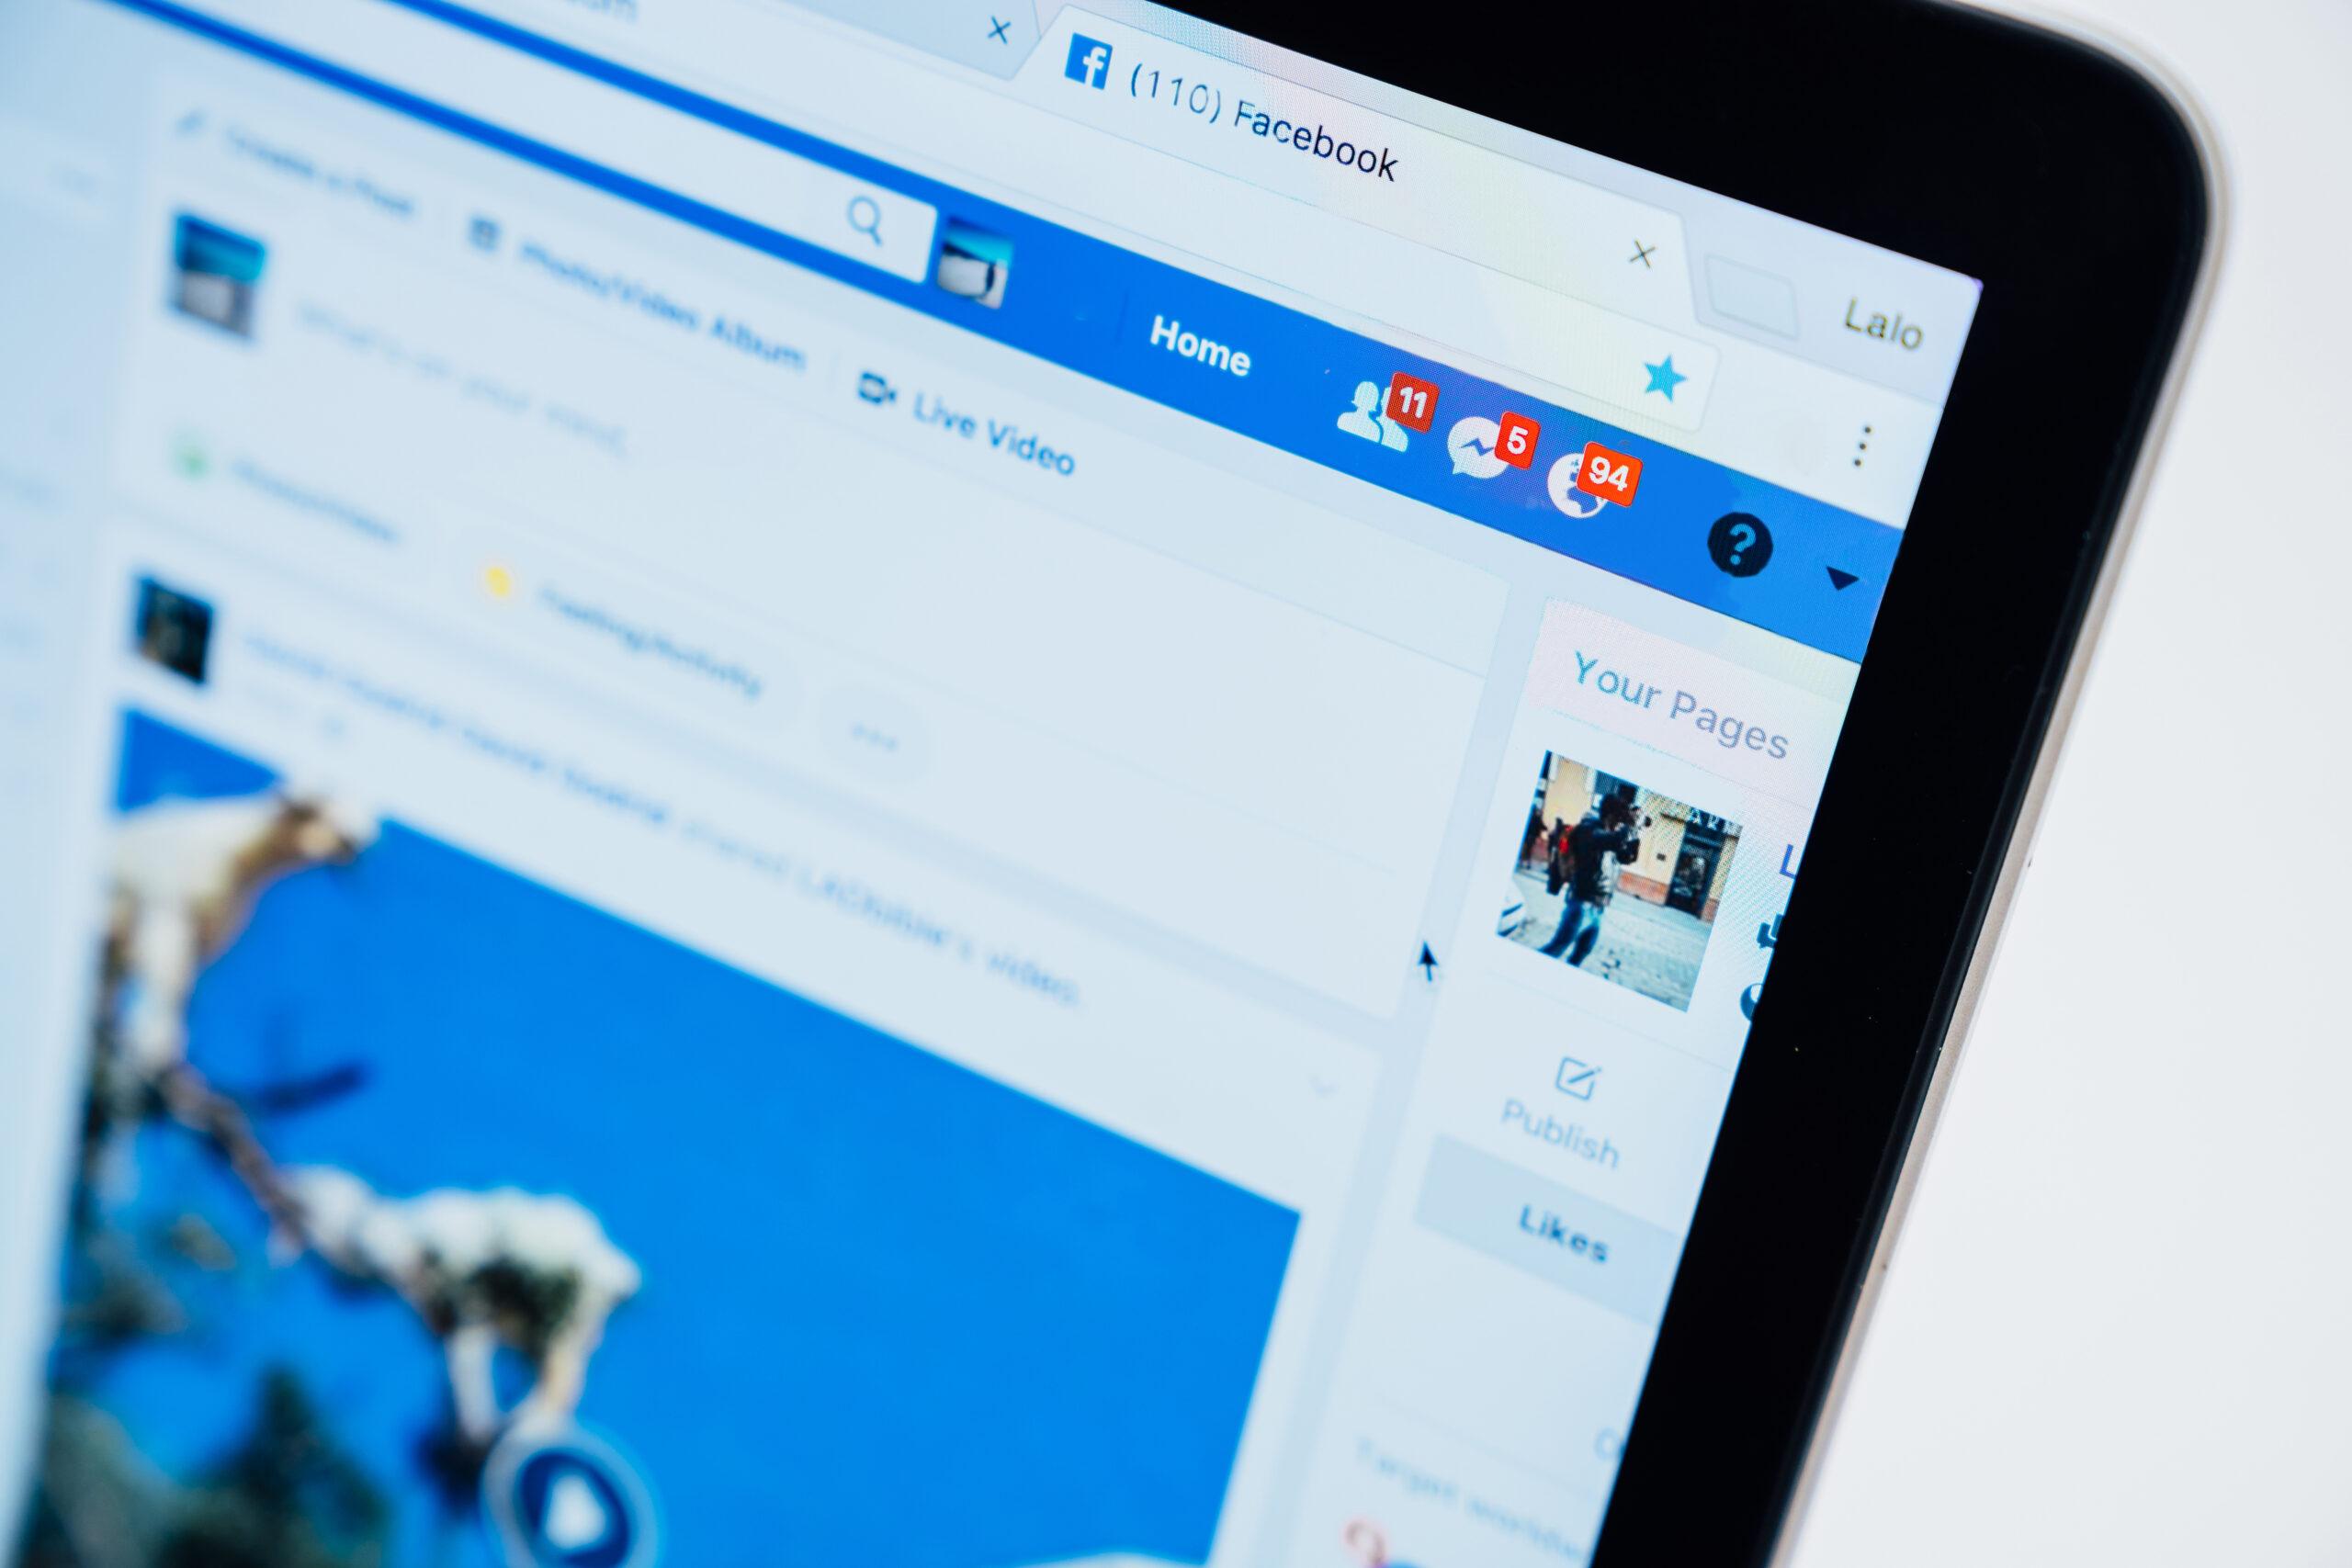 Facebook-errores-emoresas-mensajes-inbox-Lima-Perú